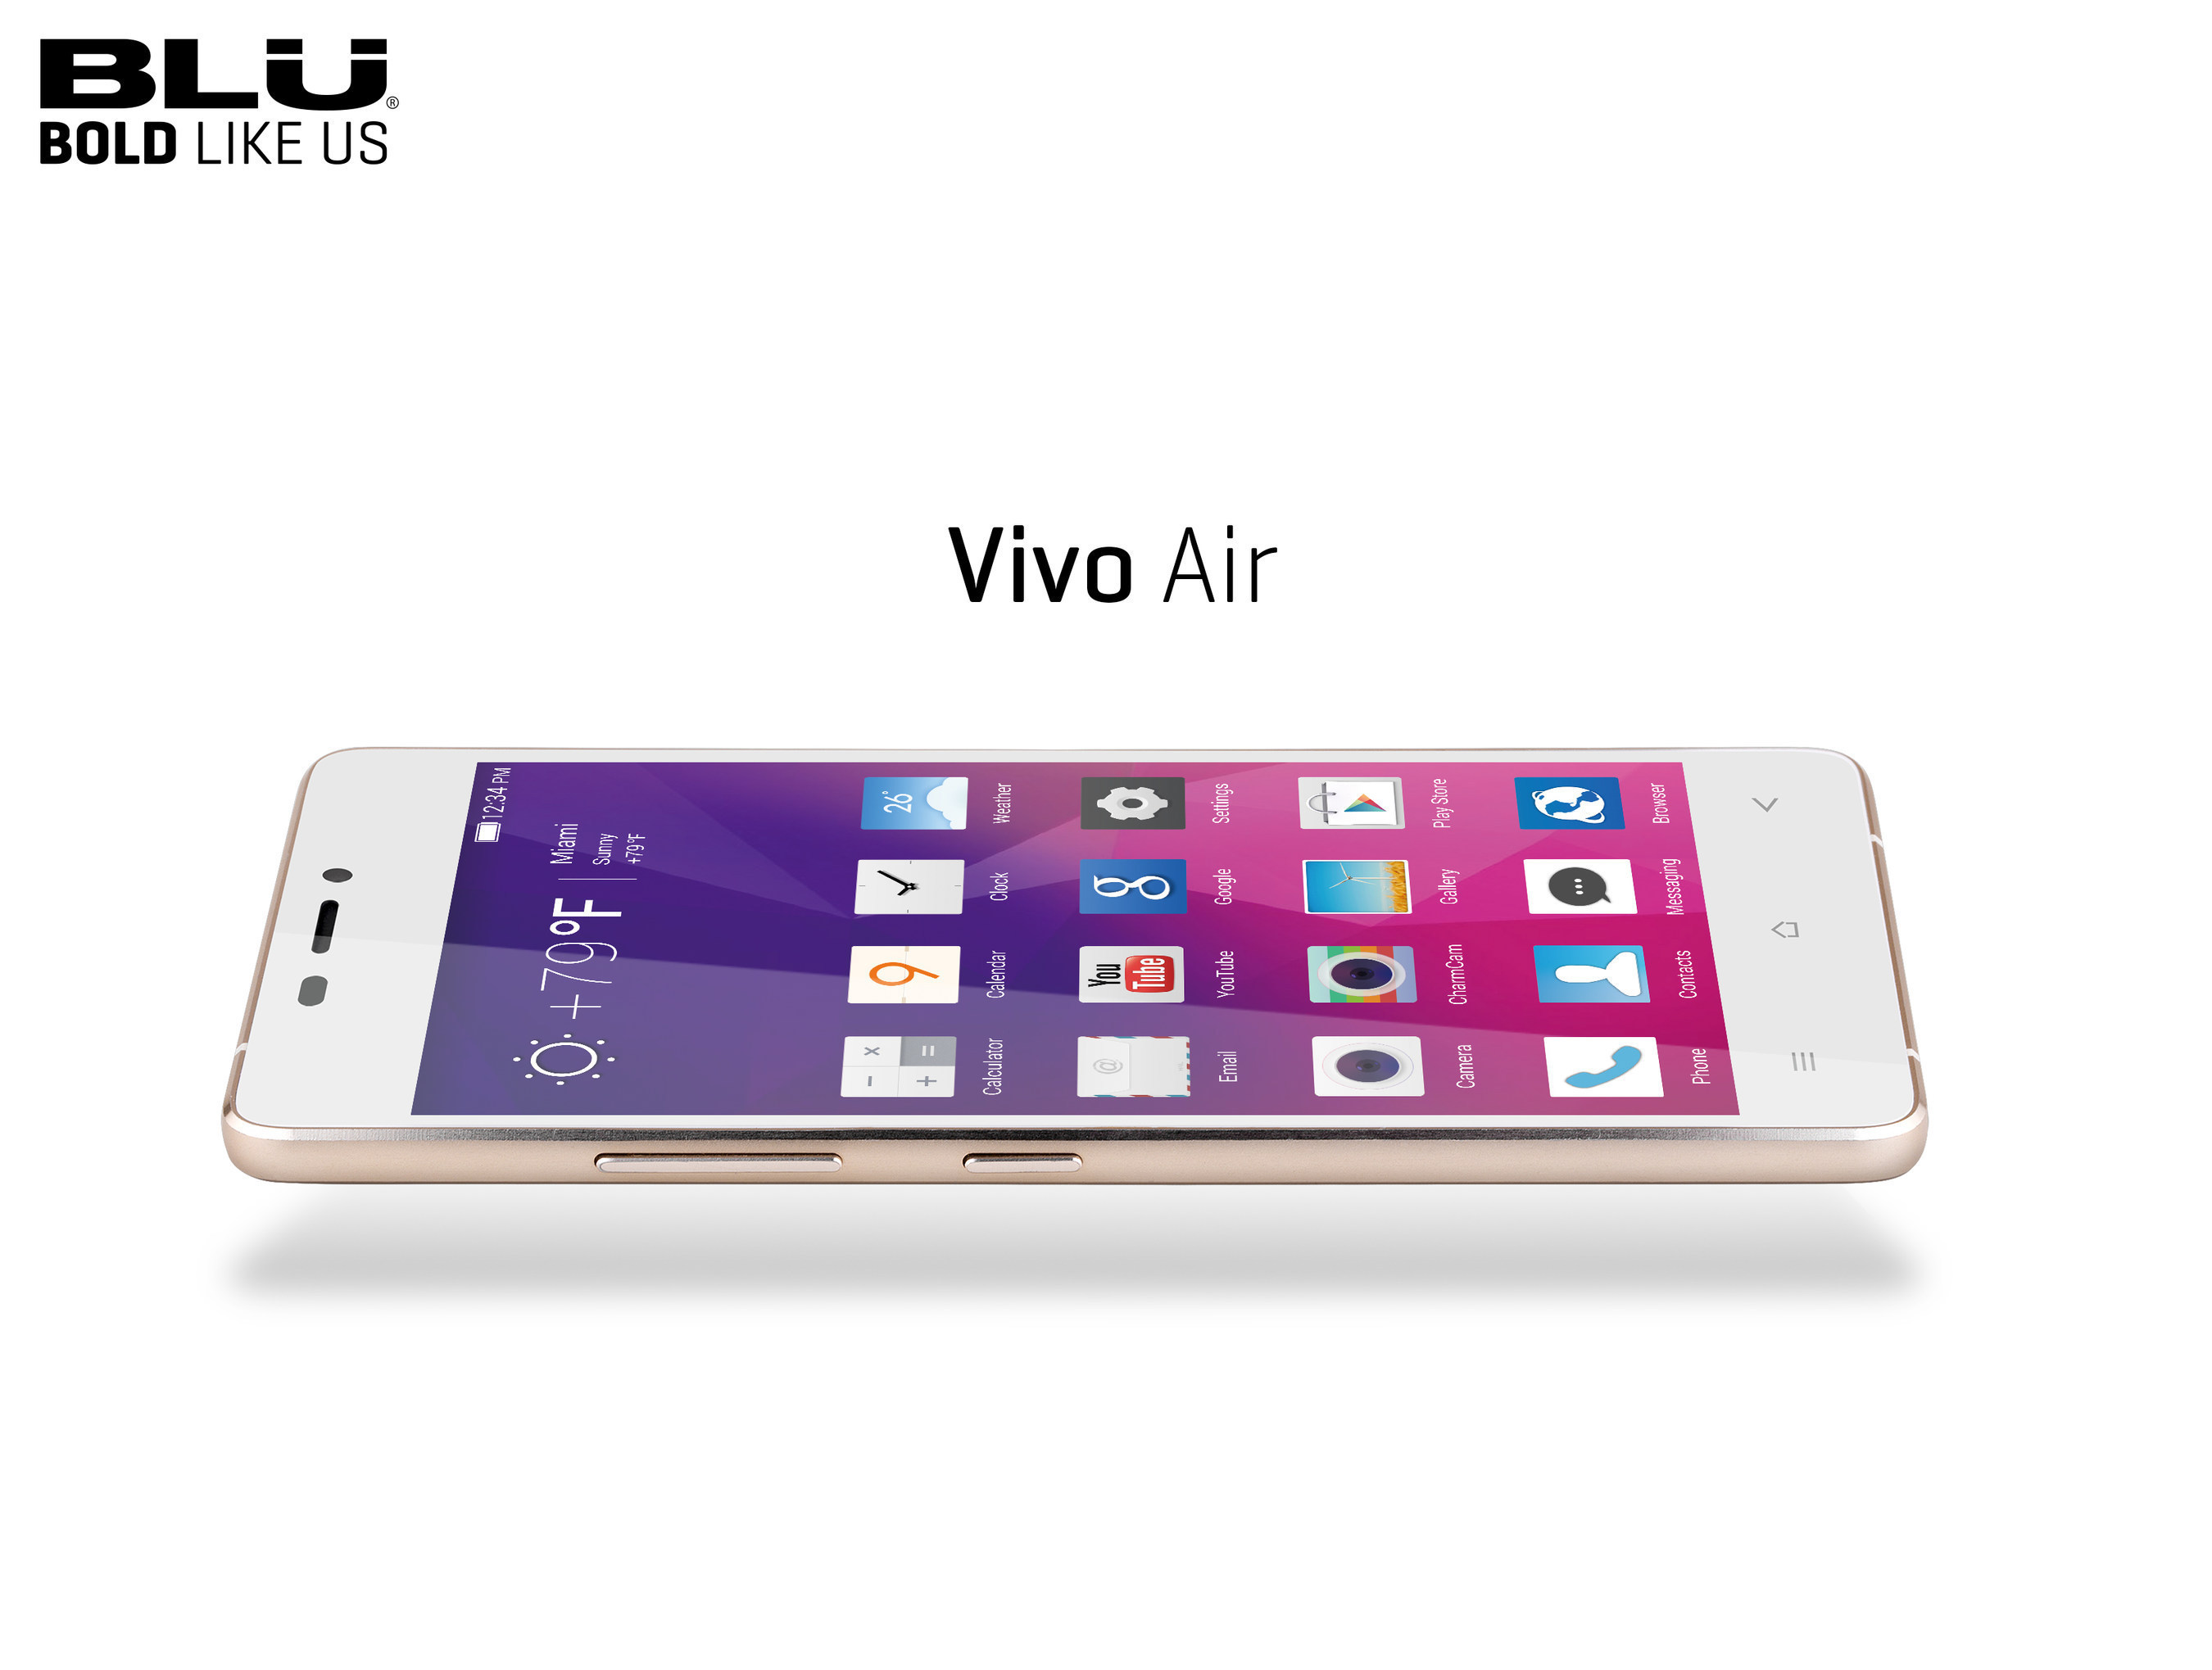 Vivo Air